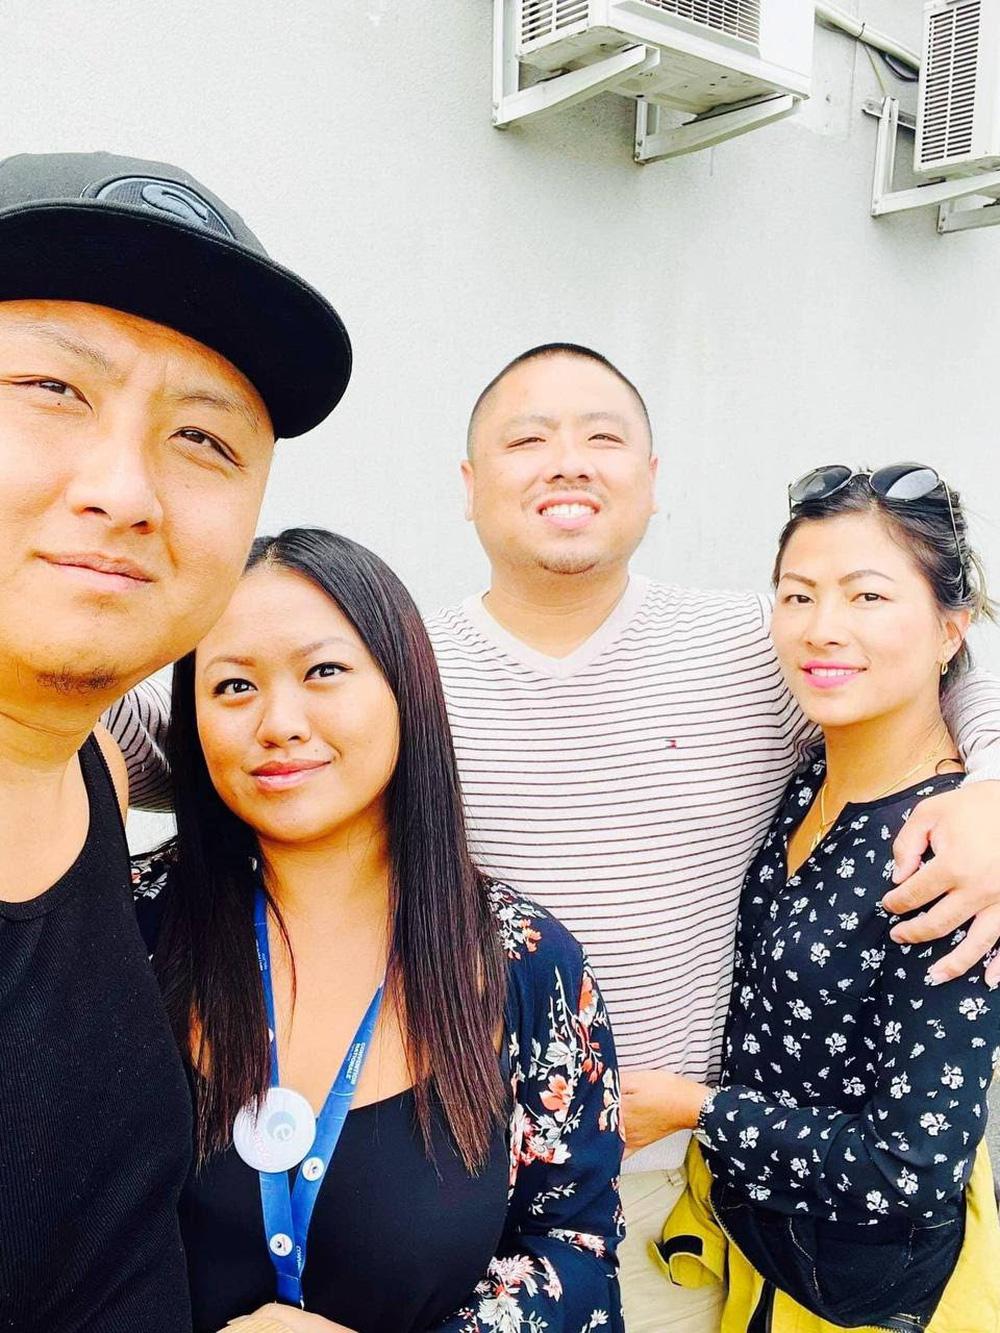 """Chặng đường yêu của cô gái H'Mông nói tiếng Anh như gió và bạn trai CEO trước khi tan vỡ: Tặng nhau lời """"có cánh"""", đã ra mắt gia đình - ảnh 8"""